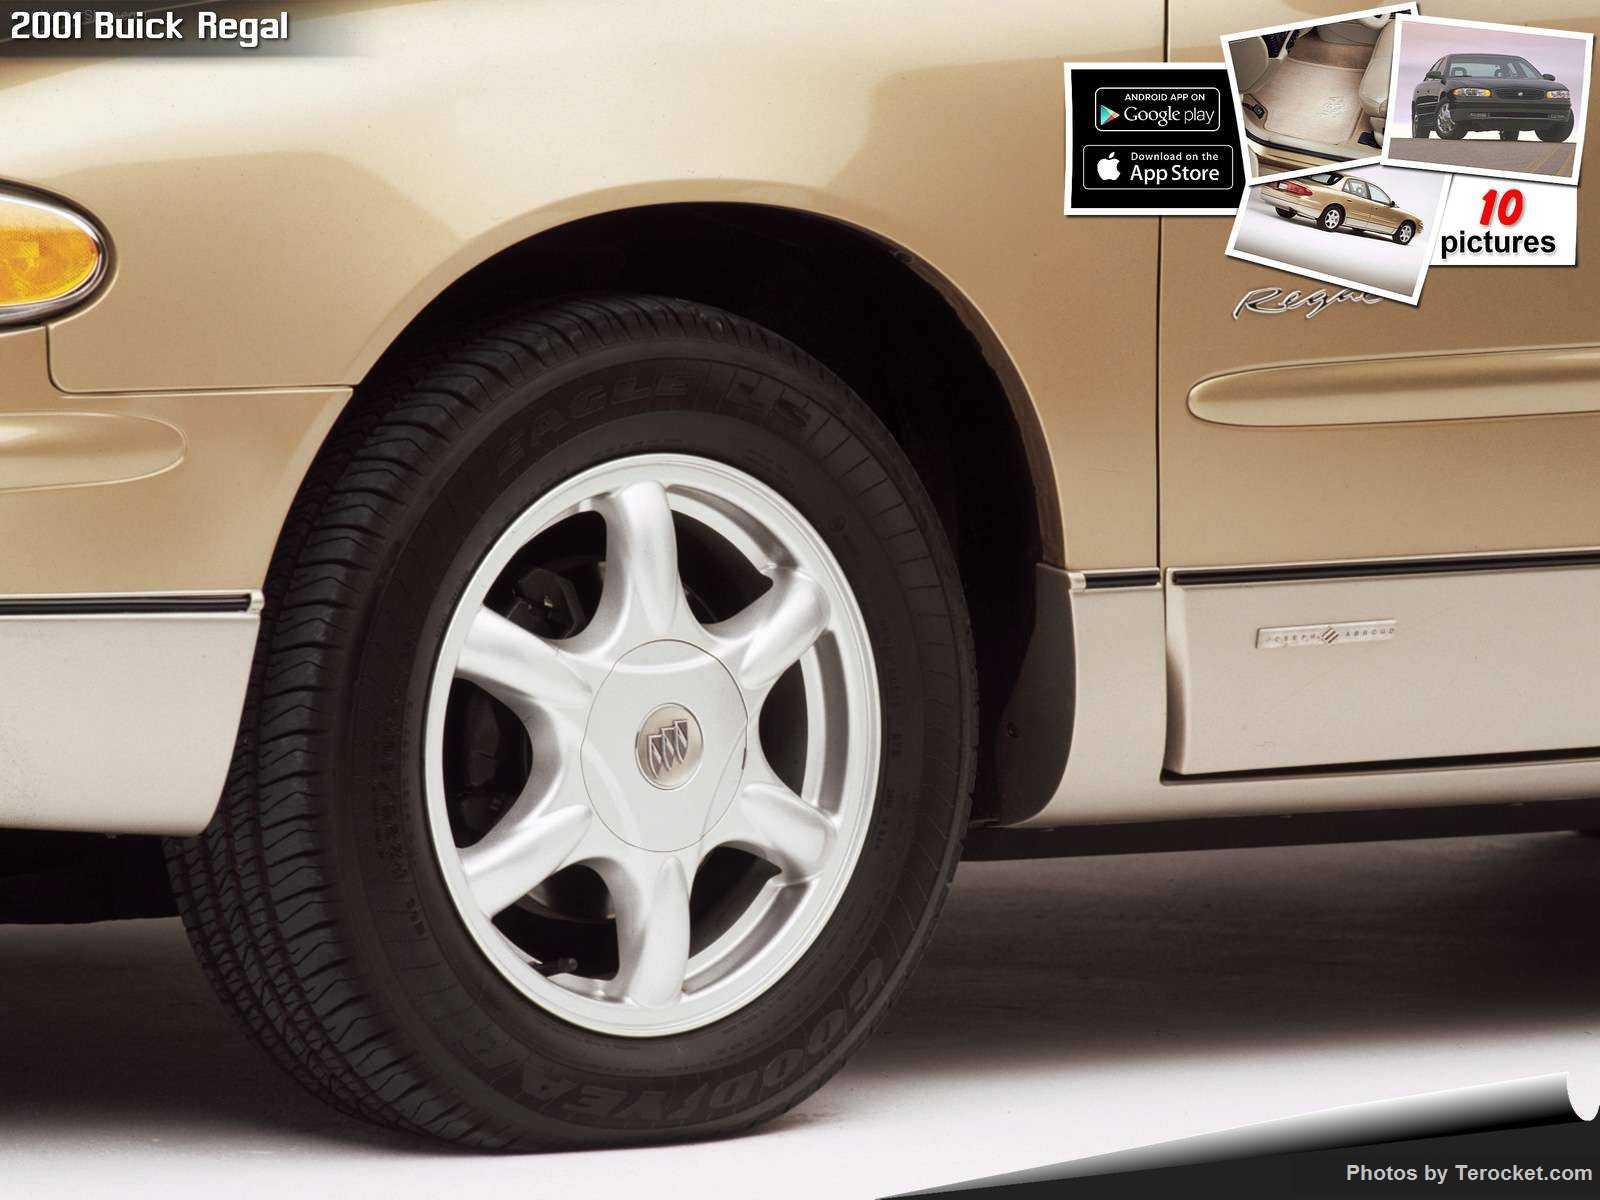 Hình ảnh xe ô tô Buick Regal 2001 & nội ngoại thất